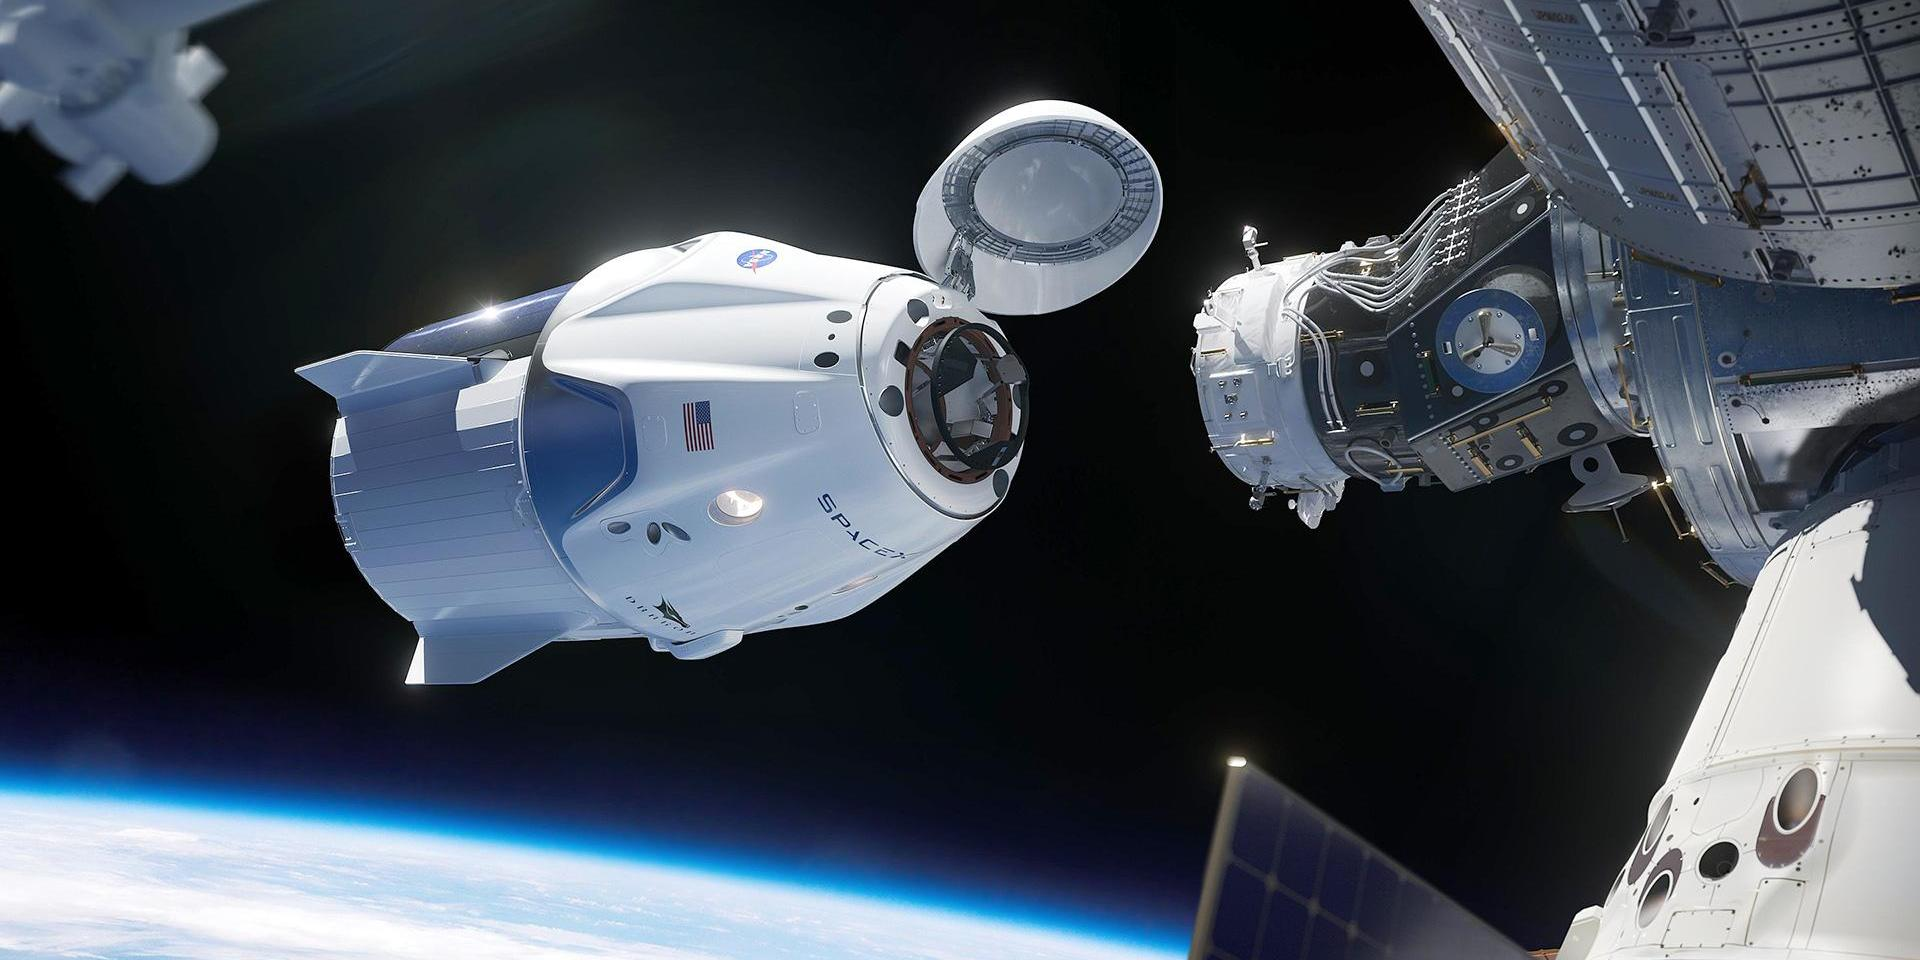 """Роскосмос посчитал """"туалет за шторкой"""" недостатком Crew Dragon"""